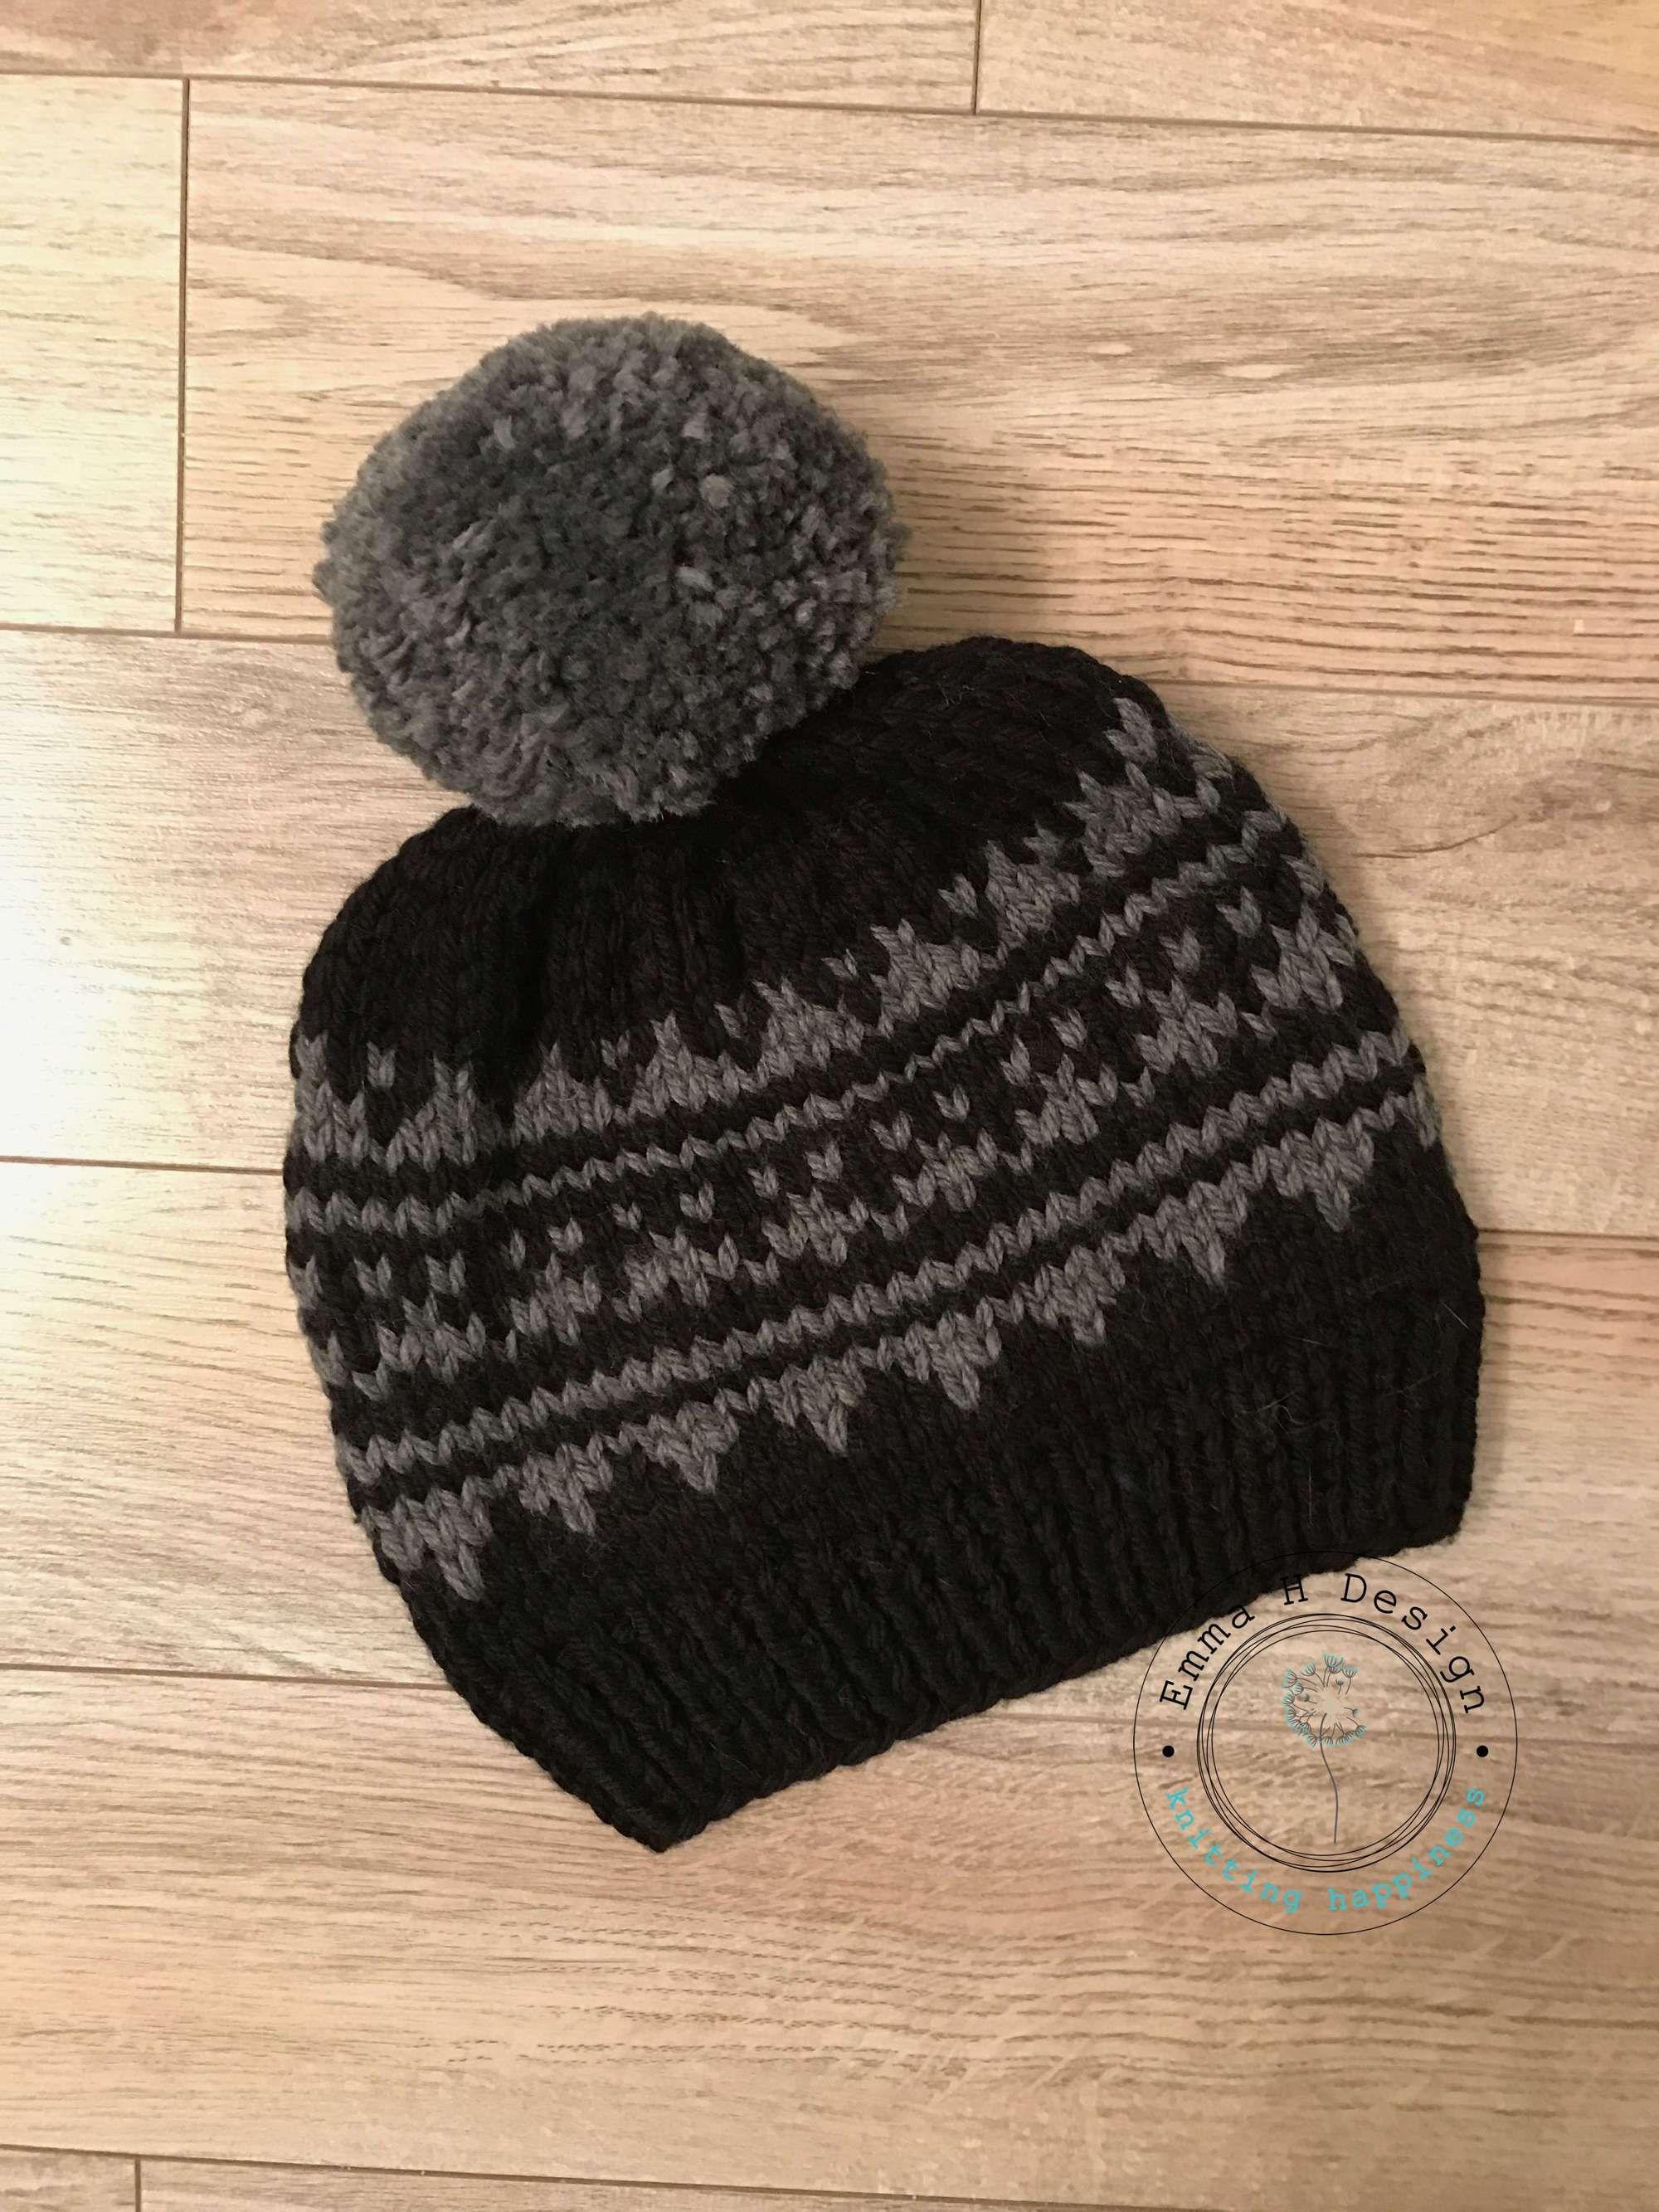 721bb63204f6 Bonnet en jacquard gris sur fond noir, avec gros pompon de laine grise,  tricoté main dans une laine douce et chaude, pour adulte - Produits  fabriqués au ...